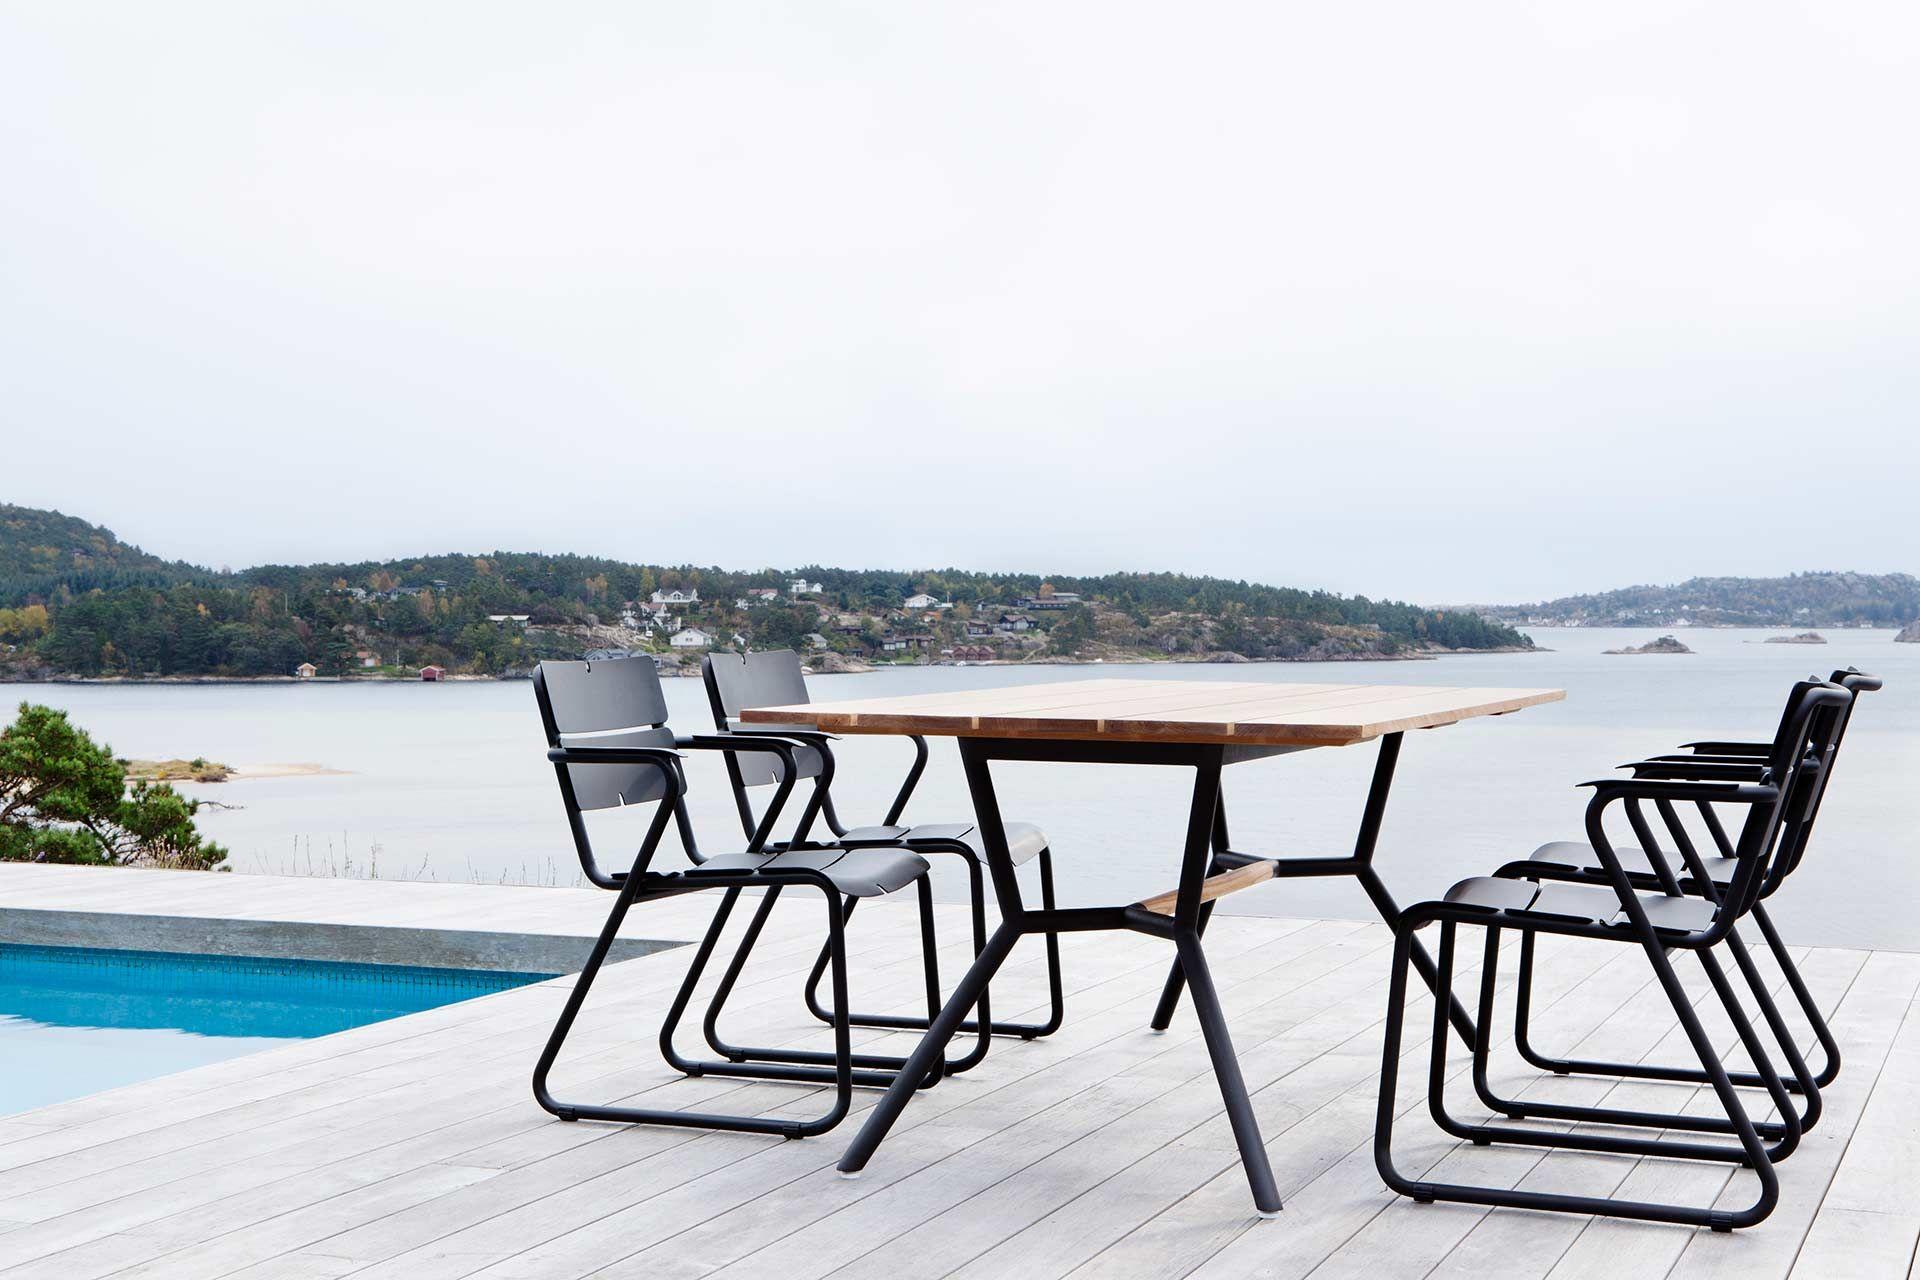 Hochwertige Aluminium Stühle Aus Der Oasiq Corail Serie. Besonders Leicht  Und Wetterfest. Passend Zu